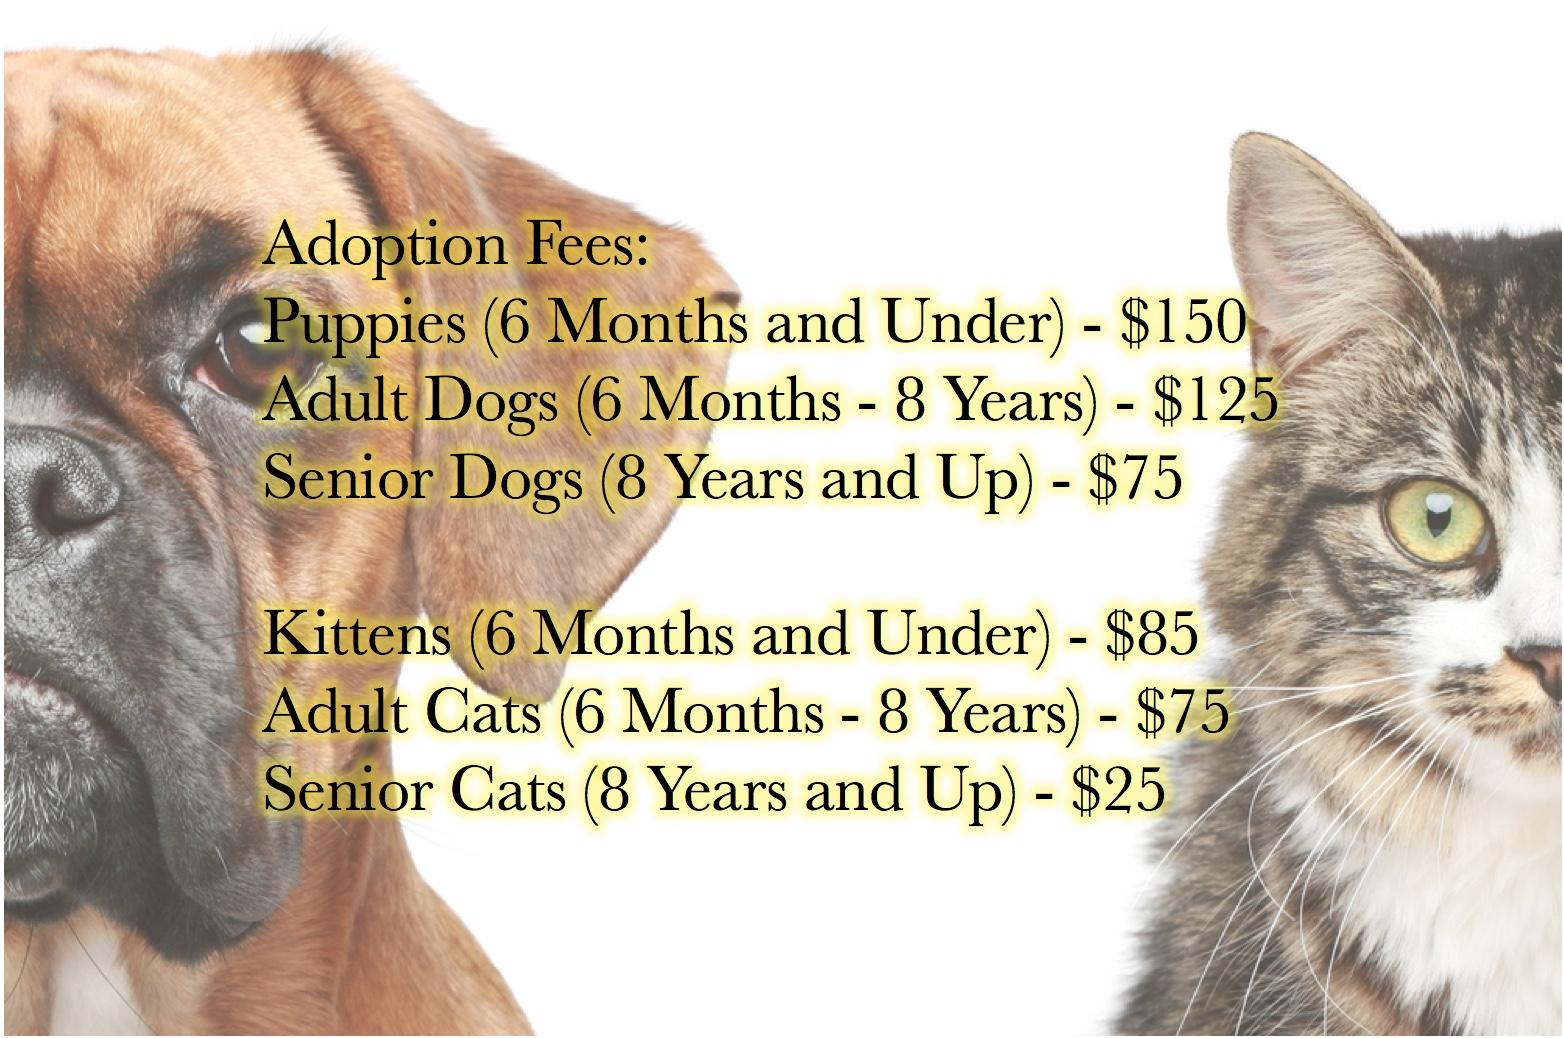 Adoption Fees Image.jpeg